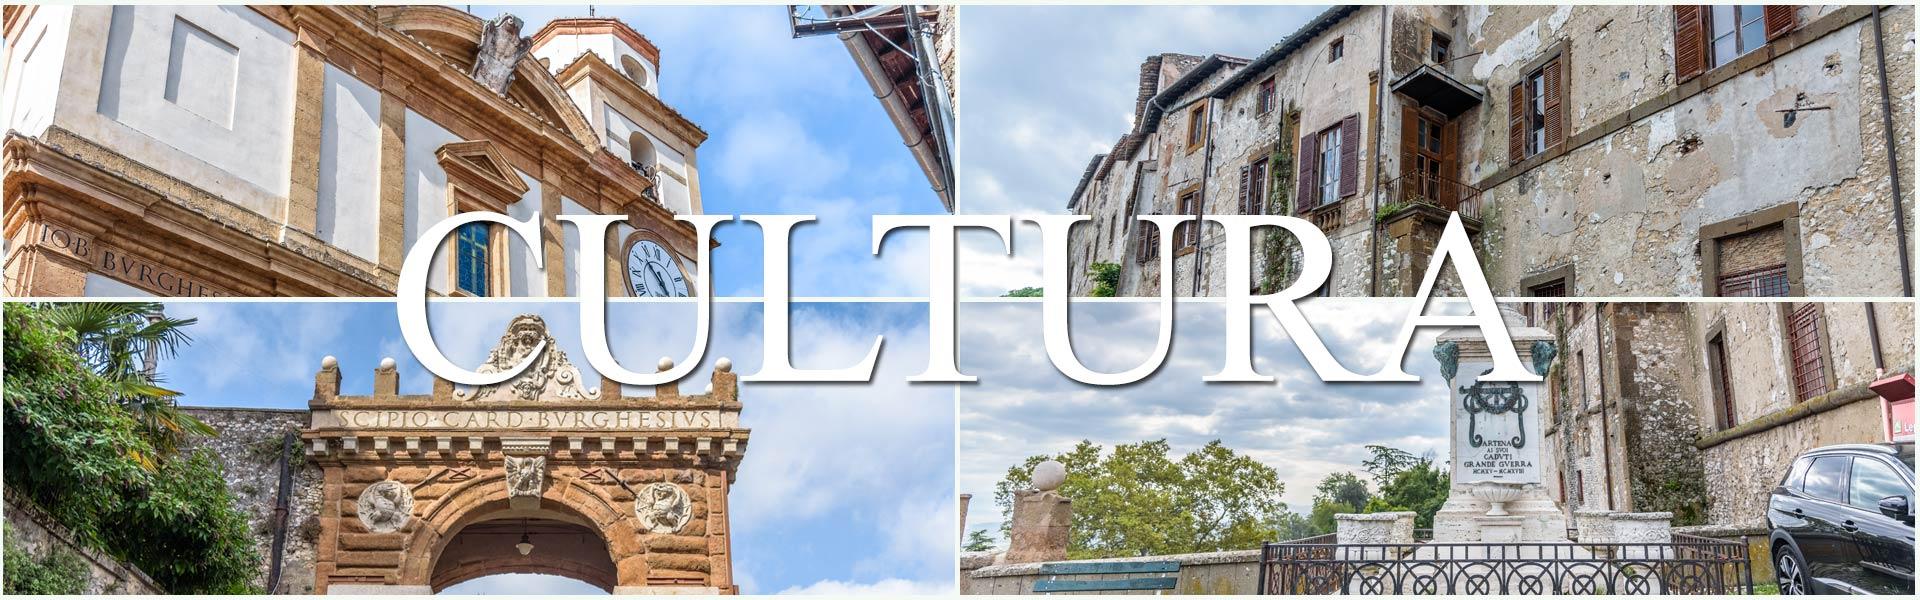 progetto-restyling-sito-artena-cultura1920x600